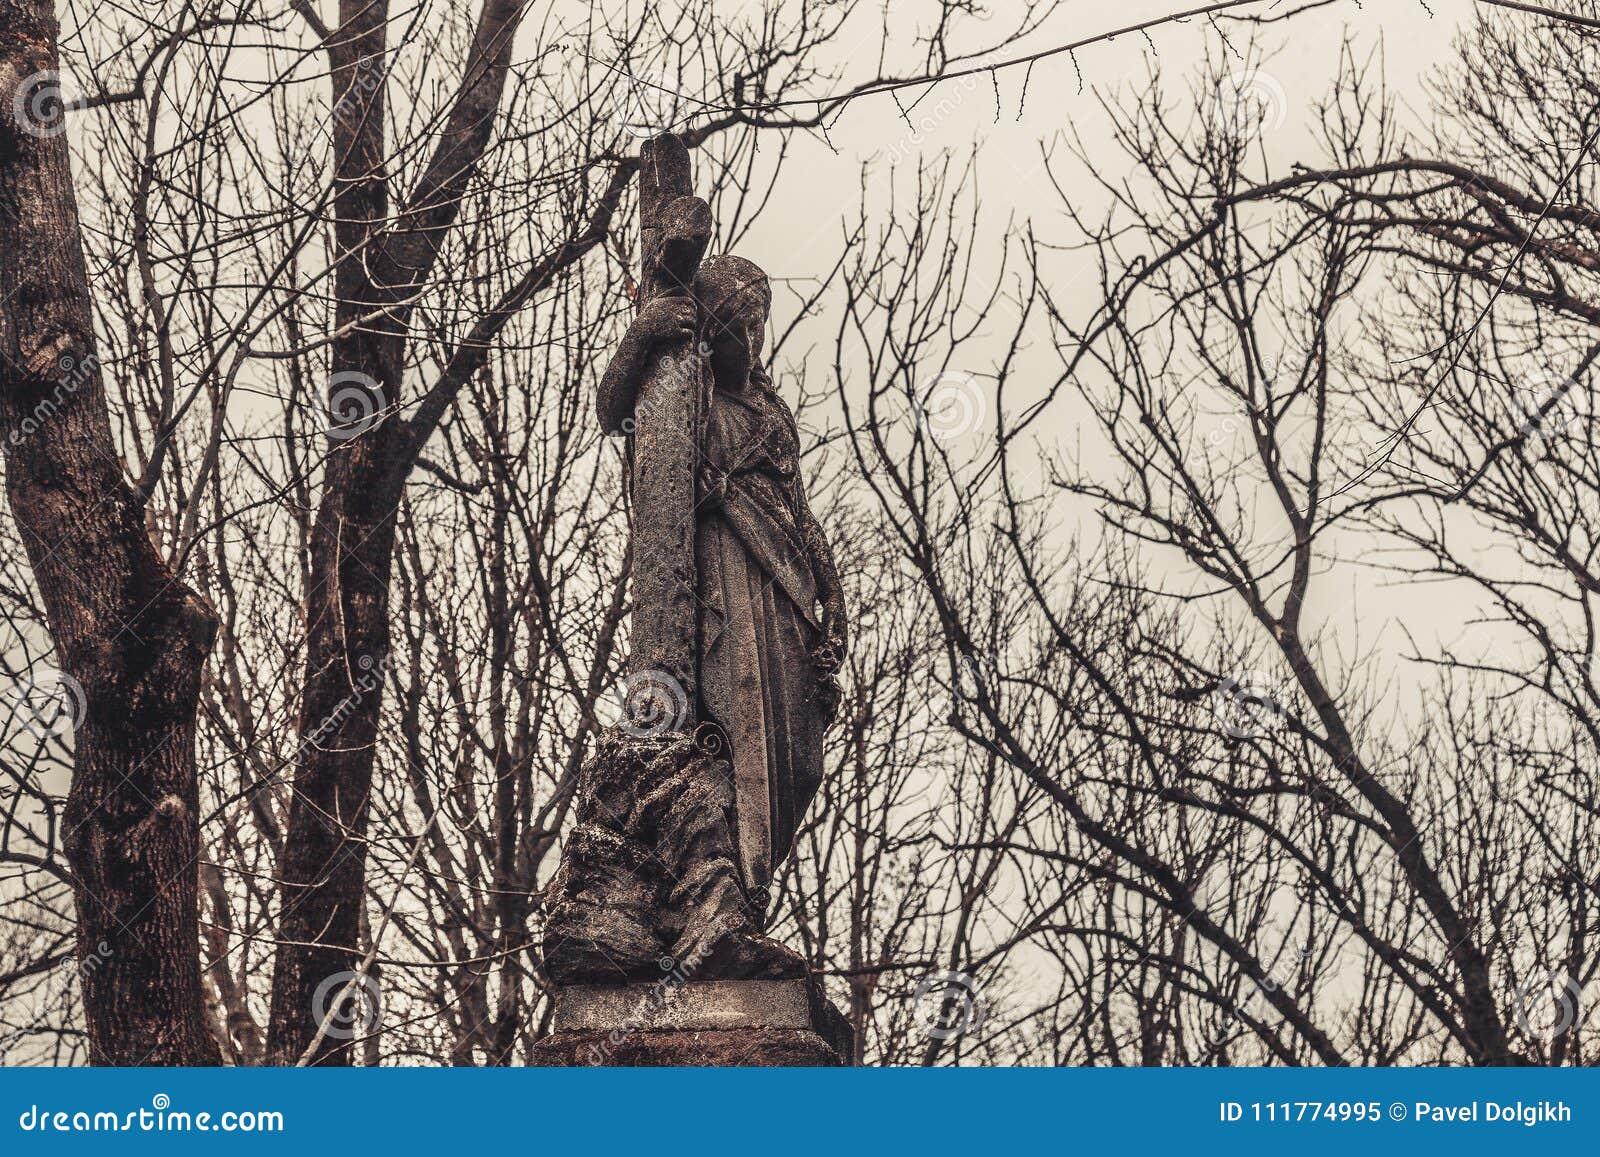 Старые памятники надгробных плит кладбища духов призрака тайны мистицизма ангелов приносят смерть